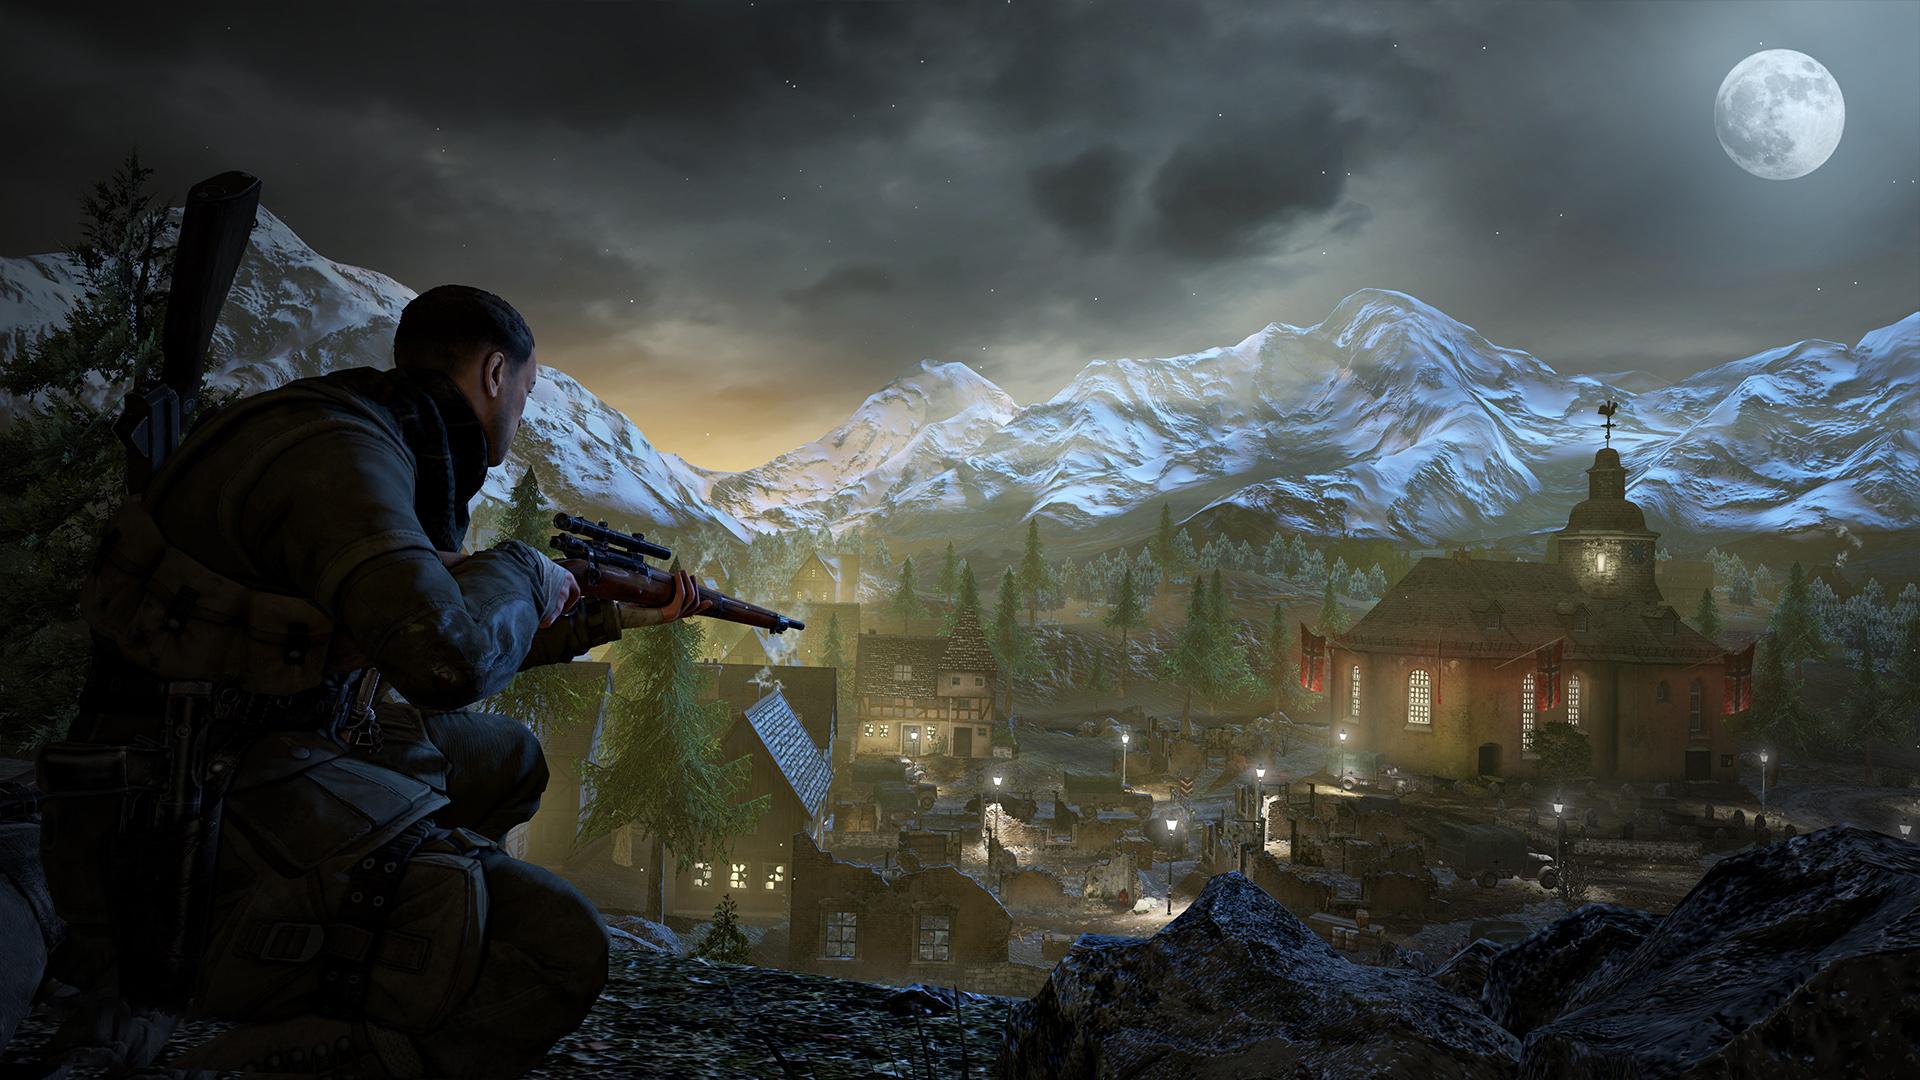 《狙击精英V2重制版》Steam开启预购 原版下架绝版